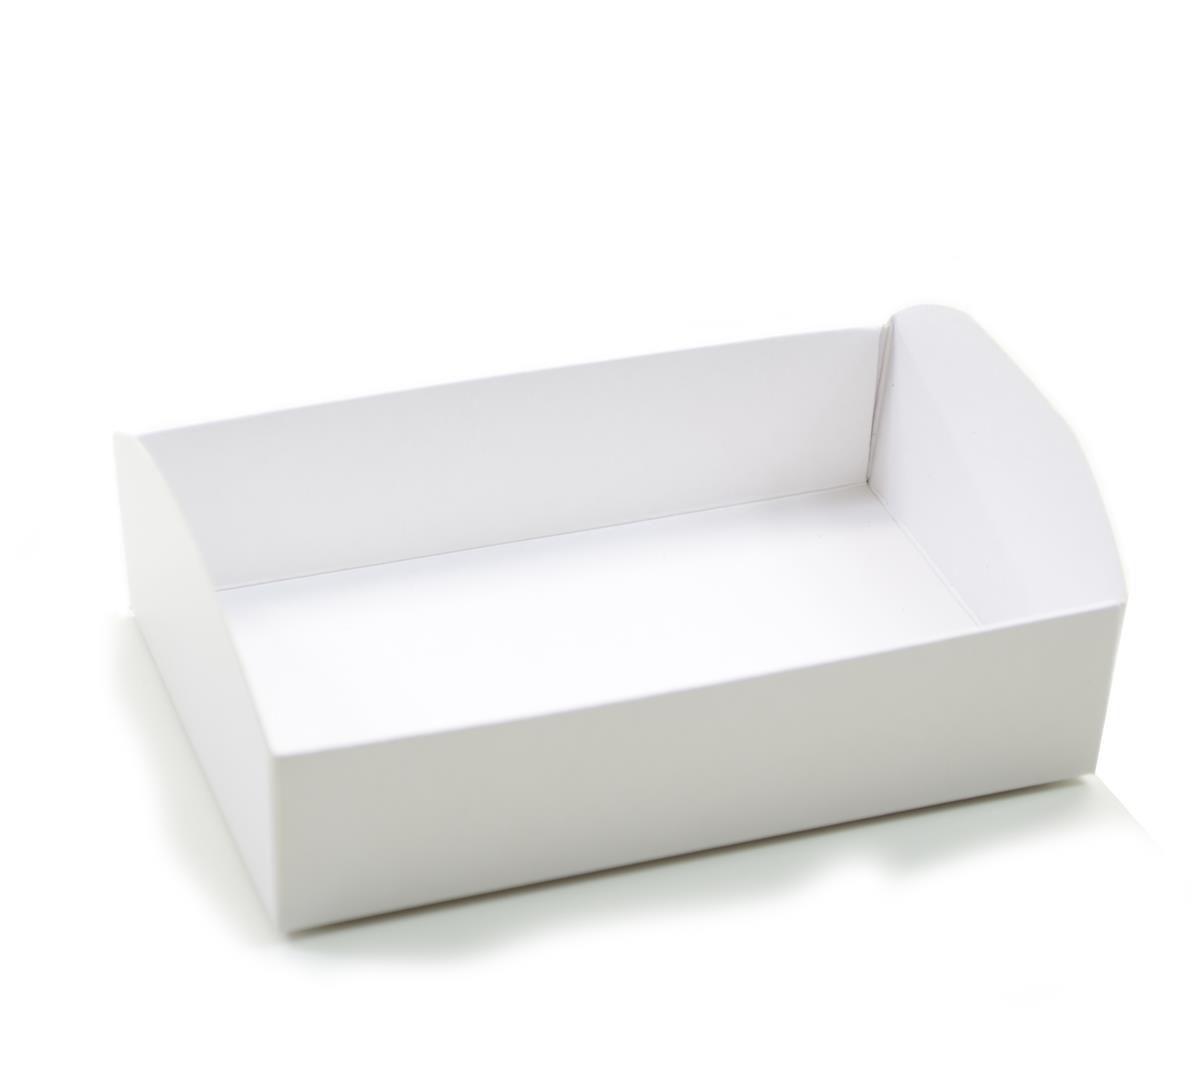 F131 - Fundo - 12x8x4,4 cm - Branca